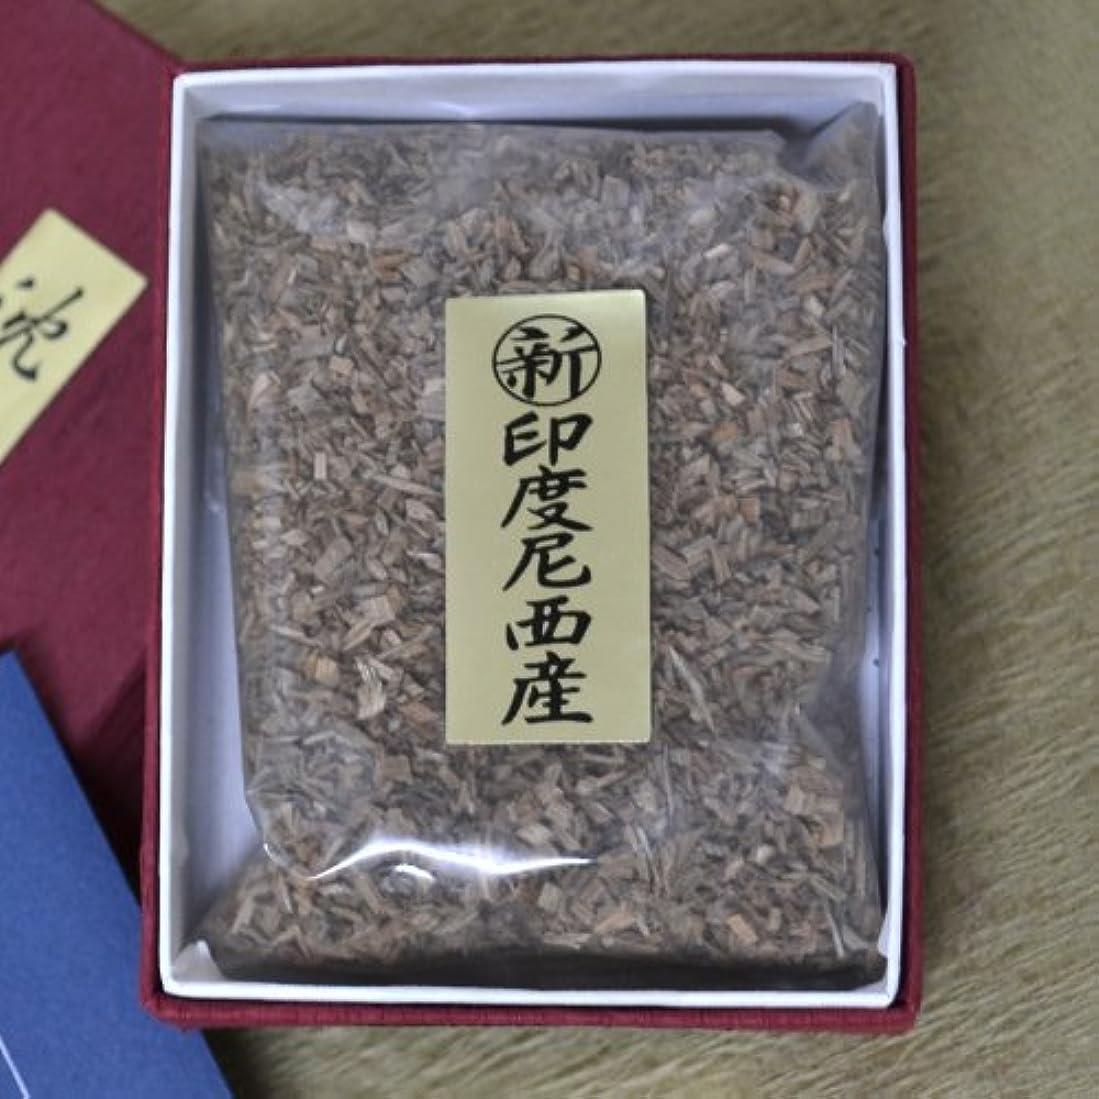 幻想的出口ピアース香木 お焼香 新インドネシア産 沈香 【最高級品】 18g